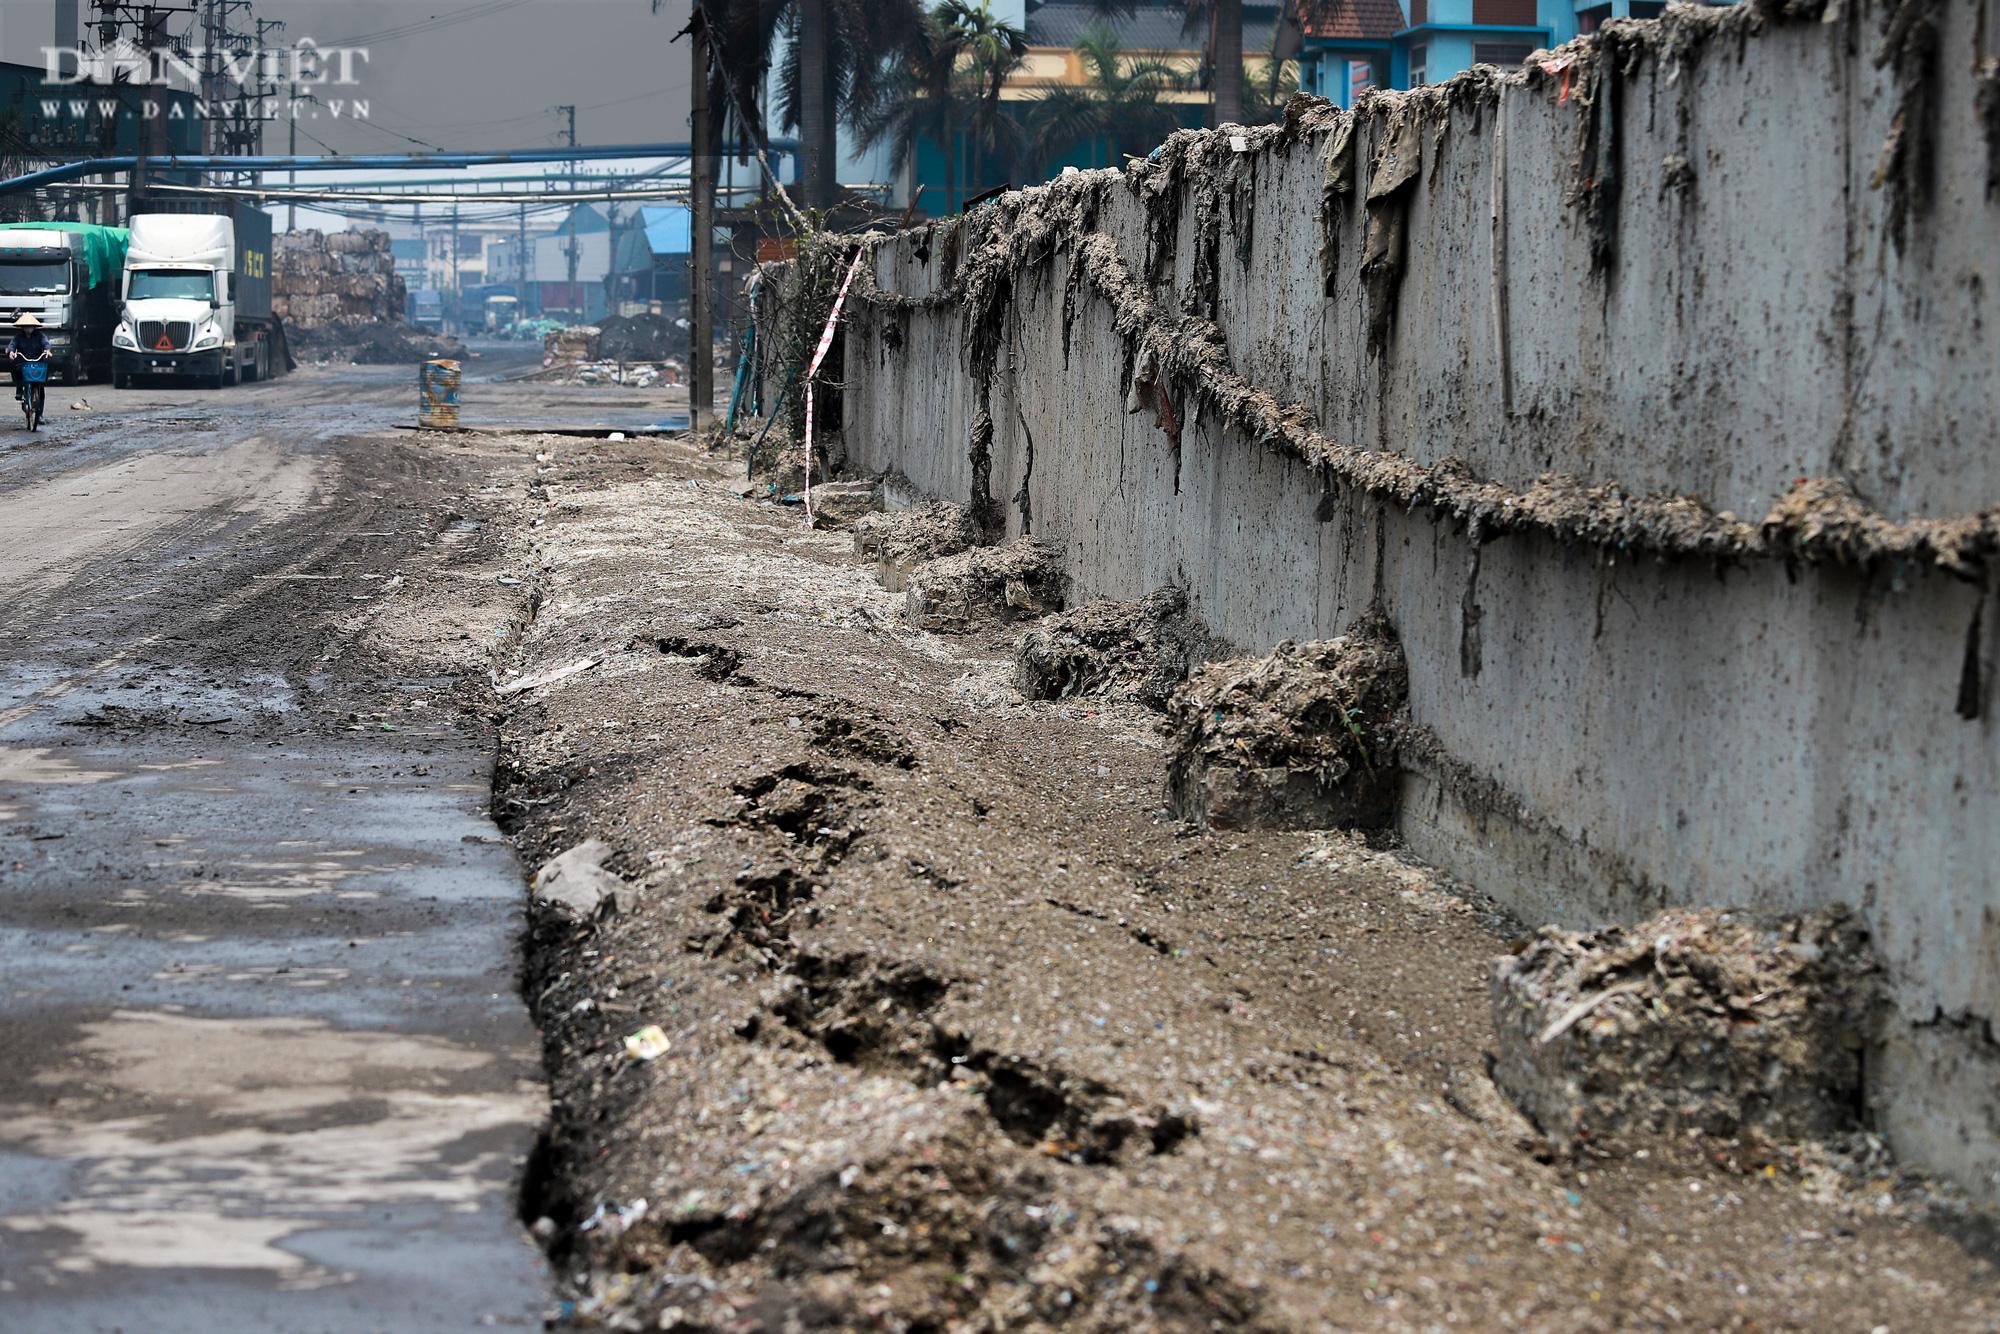 Ám ảnh khủng khiếp ở làng giấy Phú Lâm: Ô nhiễm đến con ruồi cũng không sống nổi, công nhân bán mòn sức - Ảnh 27.